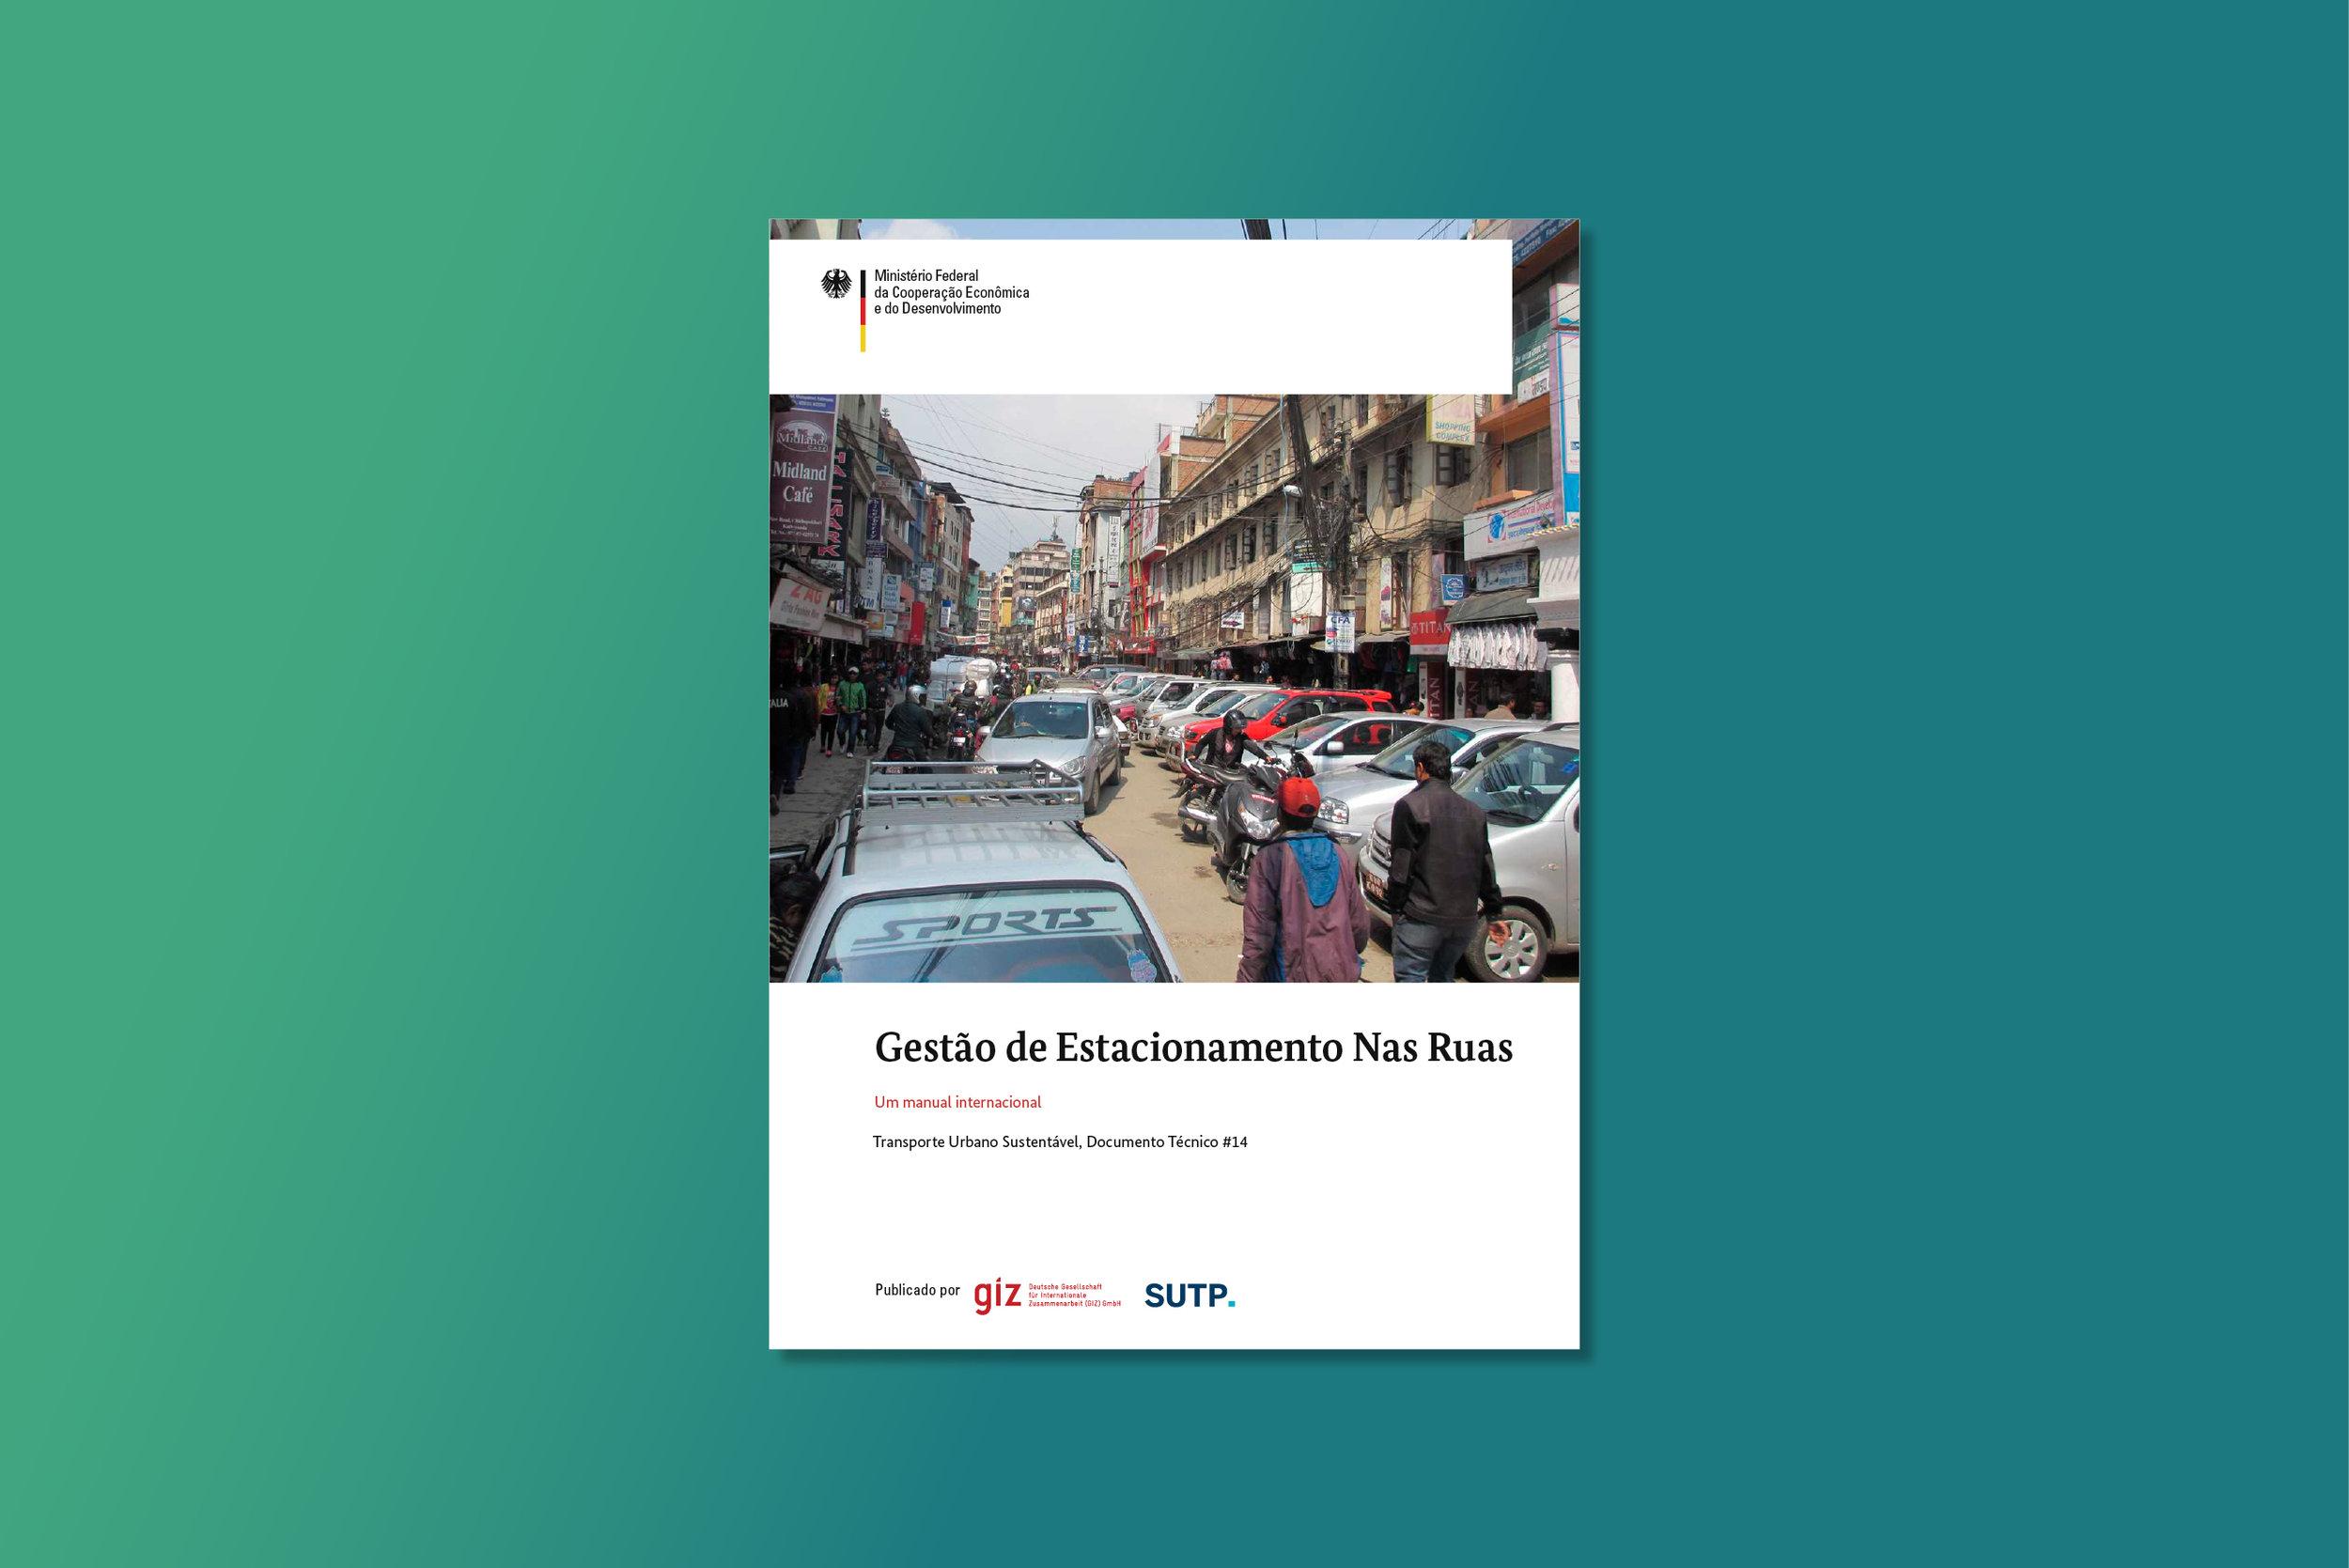 Gestão de Estacionamento nas Ruas: um manual internacional